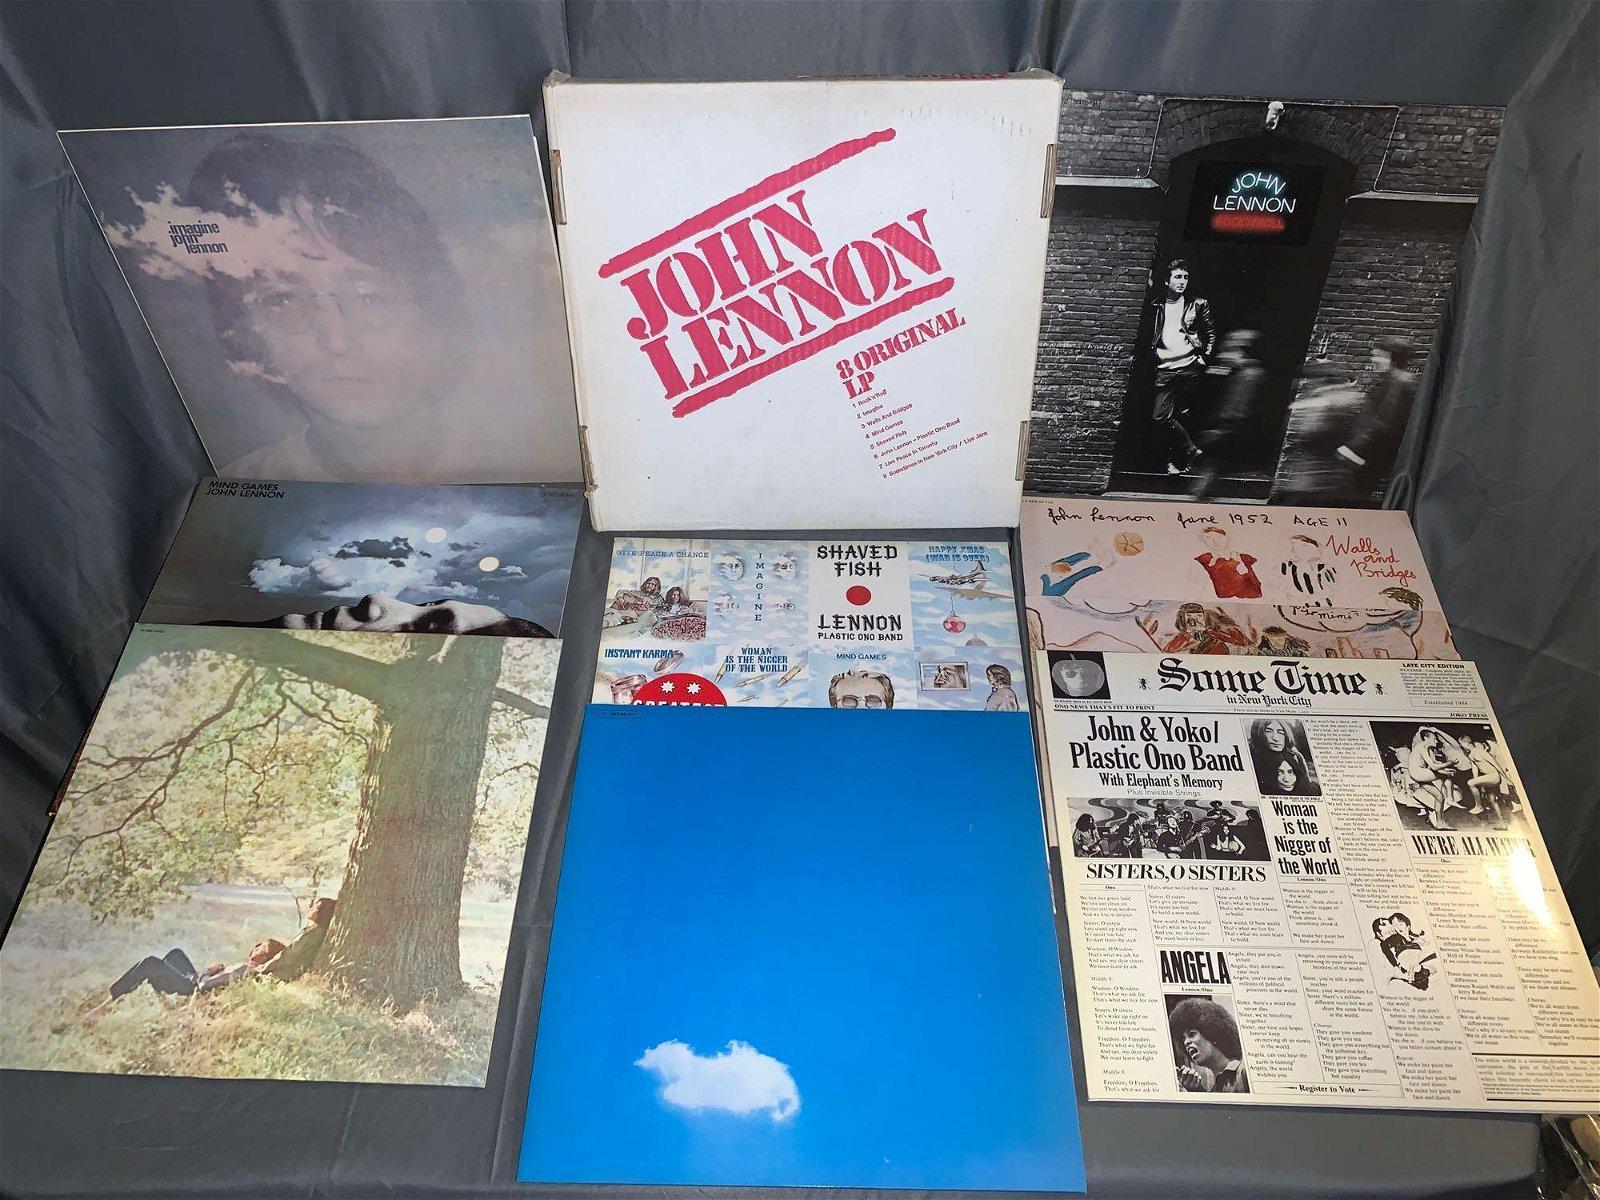 John Lennon German 8 LP Box Set